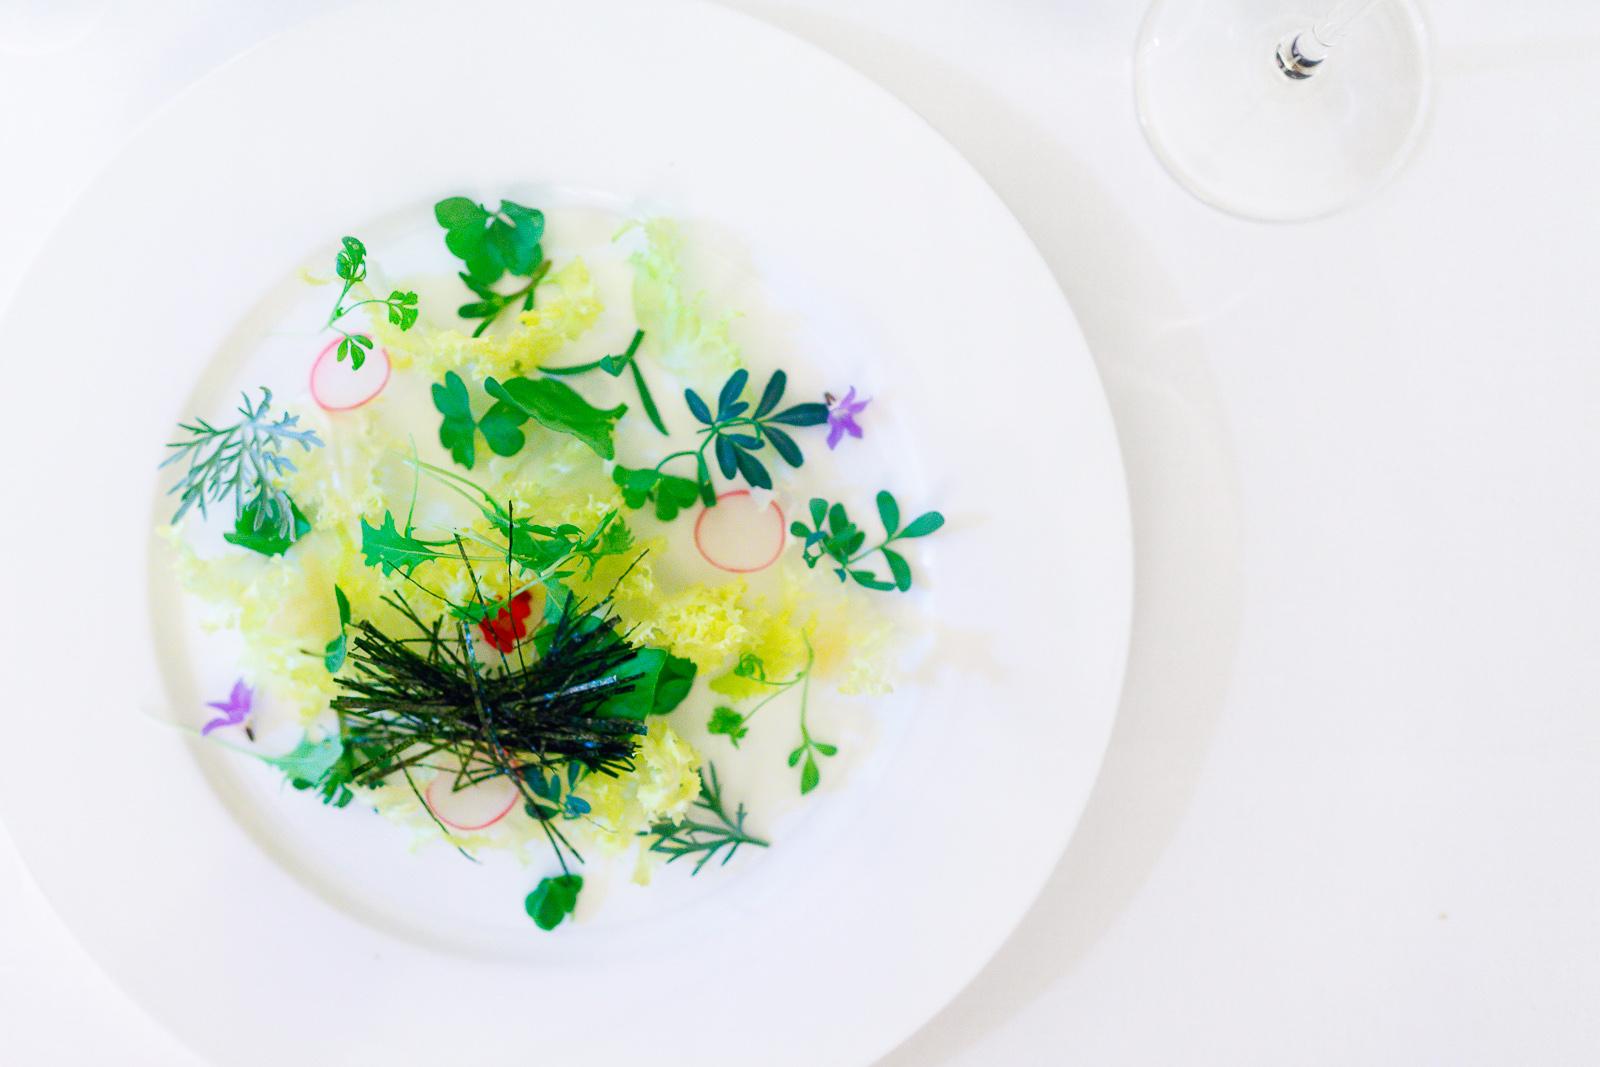 1st Course: Insalata di alghe, erbe aromatiche & radici